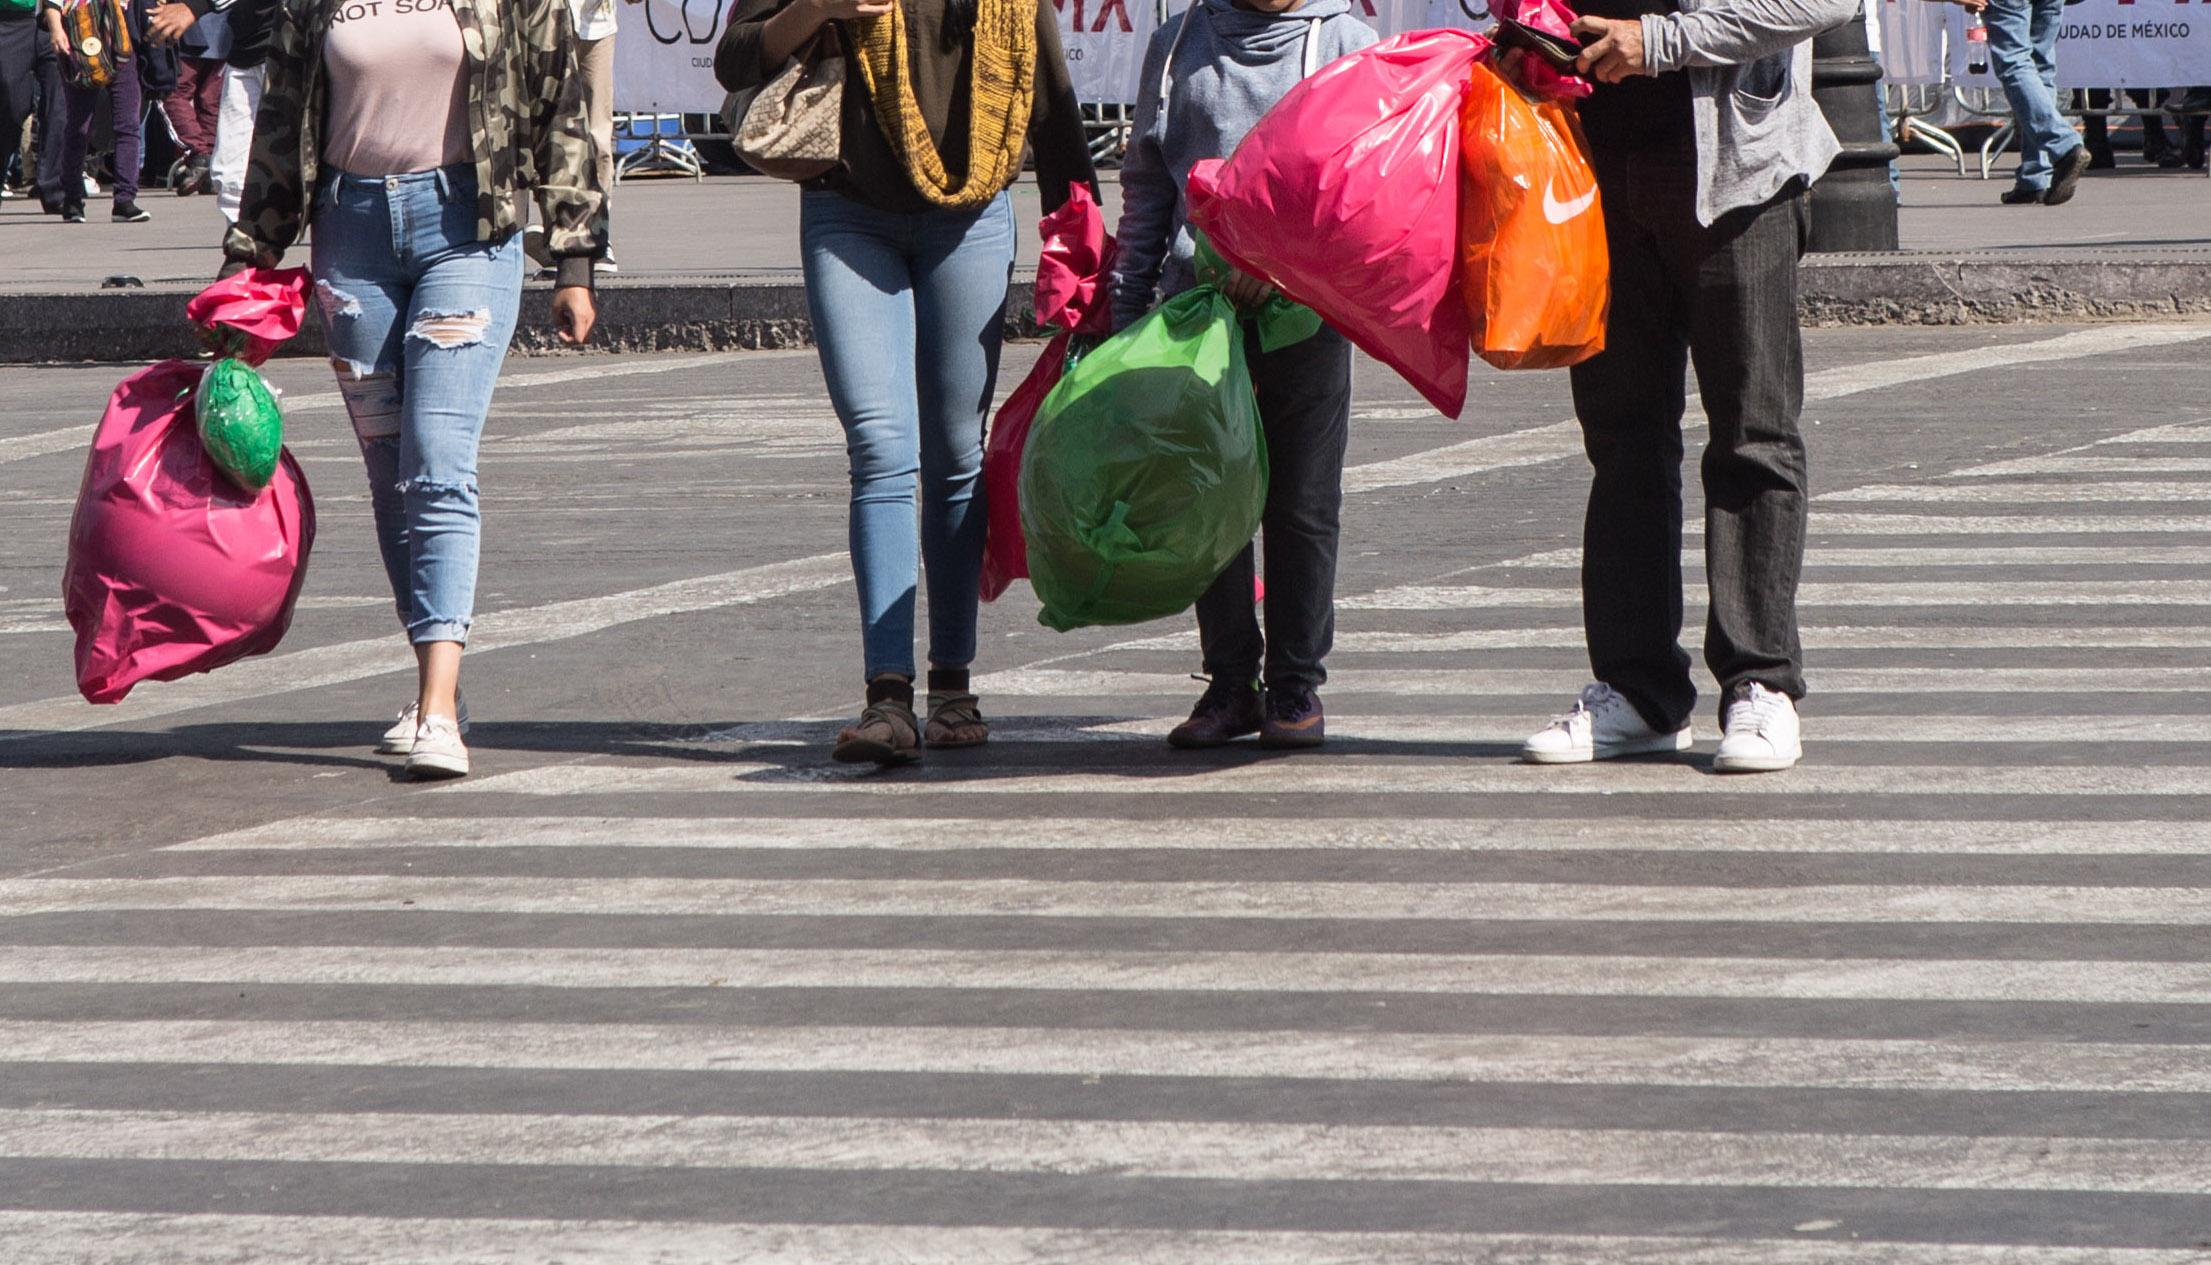 sin-bolsa-por-favor-sancionaran-a-establecimientos-que-den-plastico